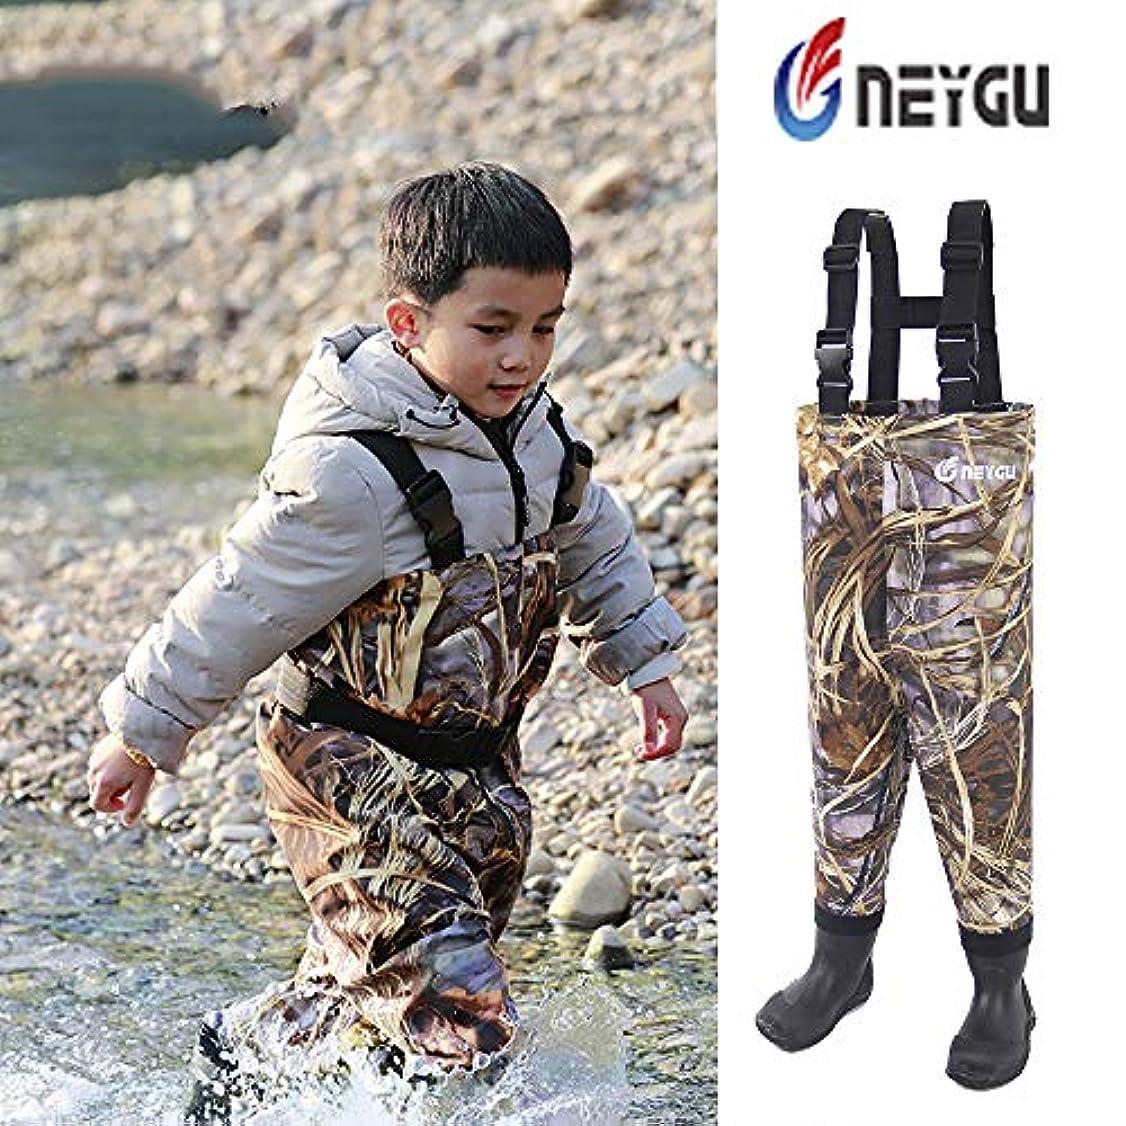 本部コンバーチブル安全Neygu幼児用&子供の通気性防水Waders Bootfoot胸Waders、4t、カモ